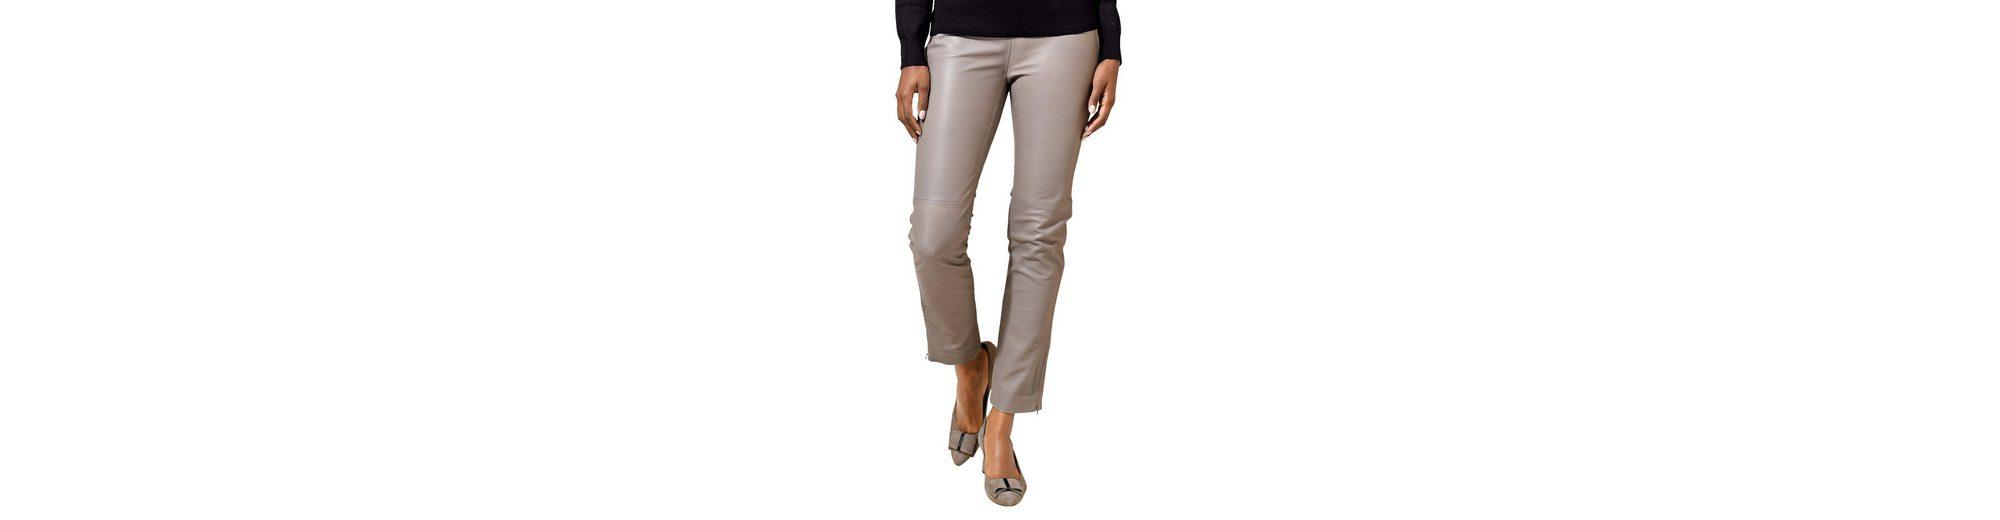 Günstiges Shop-Angebot Aus Deutschland Günstig Online Alba Moda Lederhose aus super softer Qualität QQlJbXVEwX